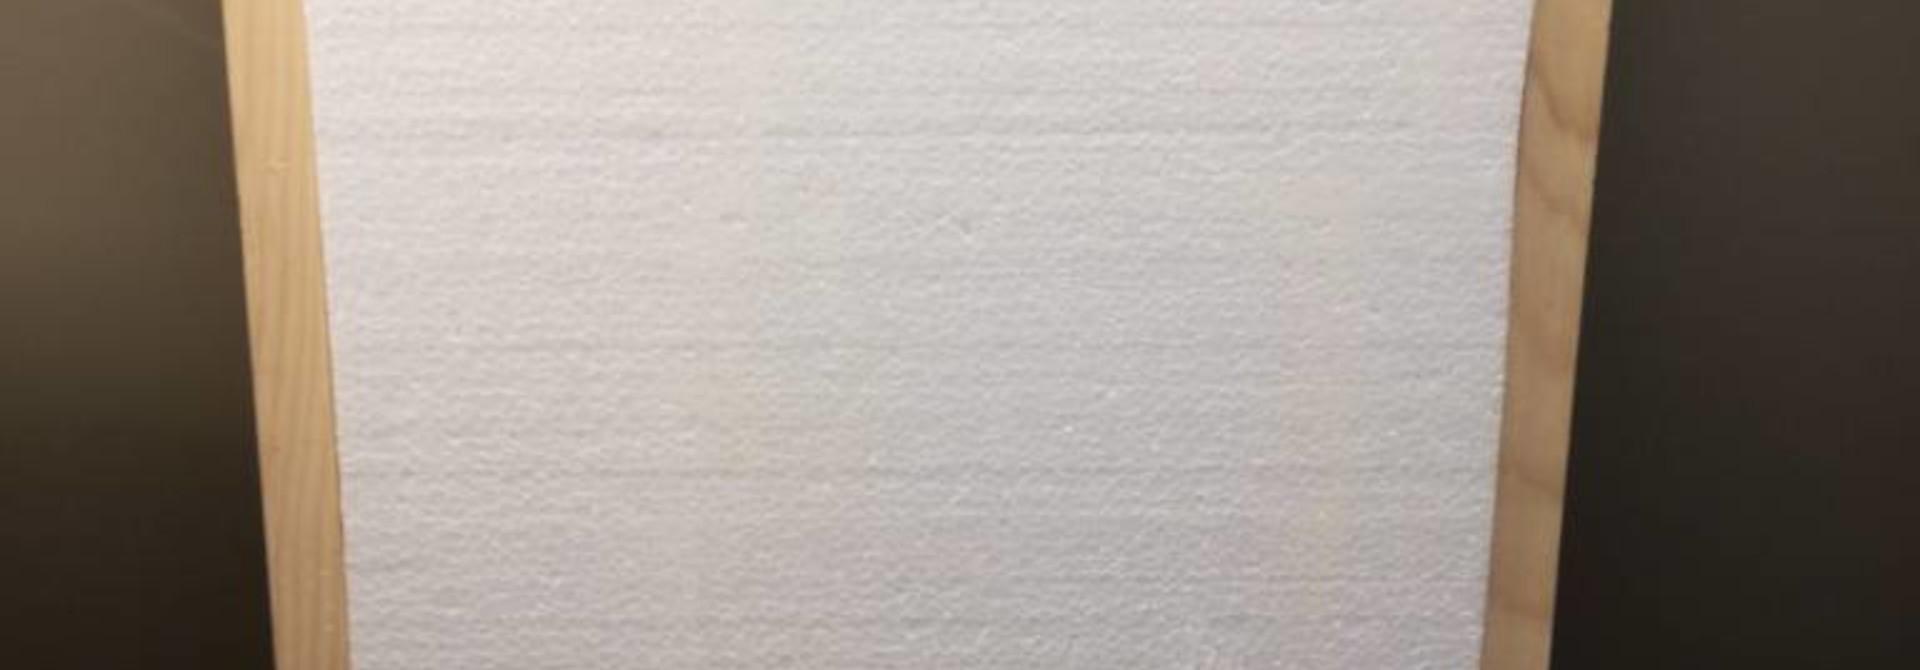 Isolatie (piepschuim) voor afdekplaat Simplex